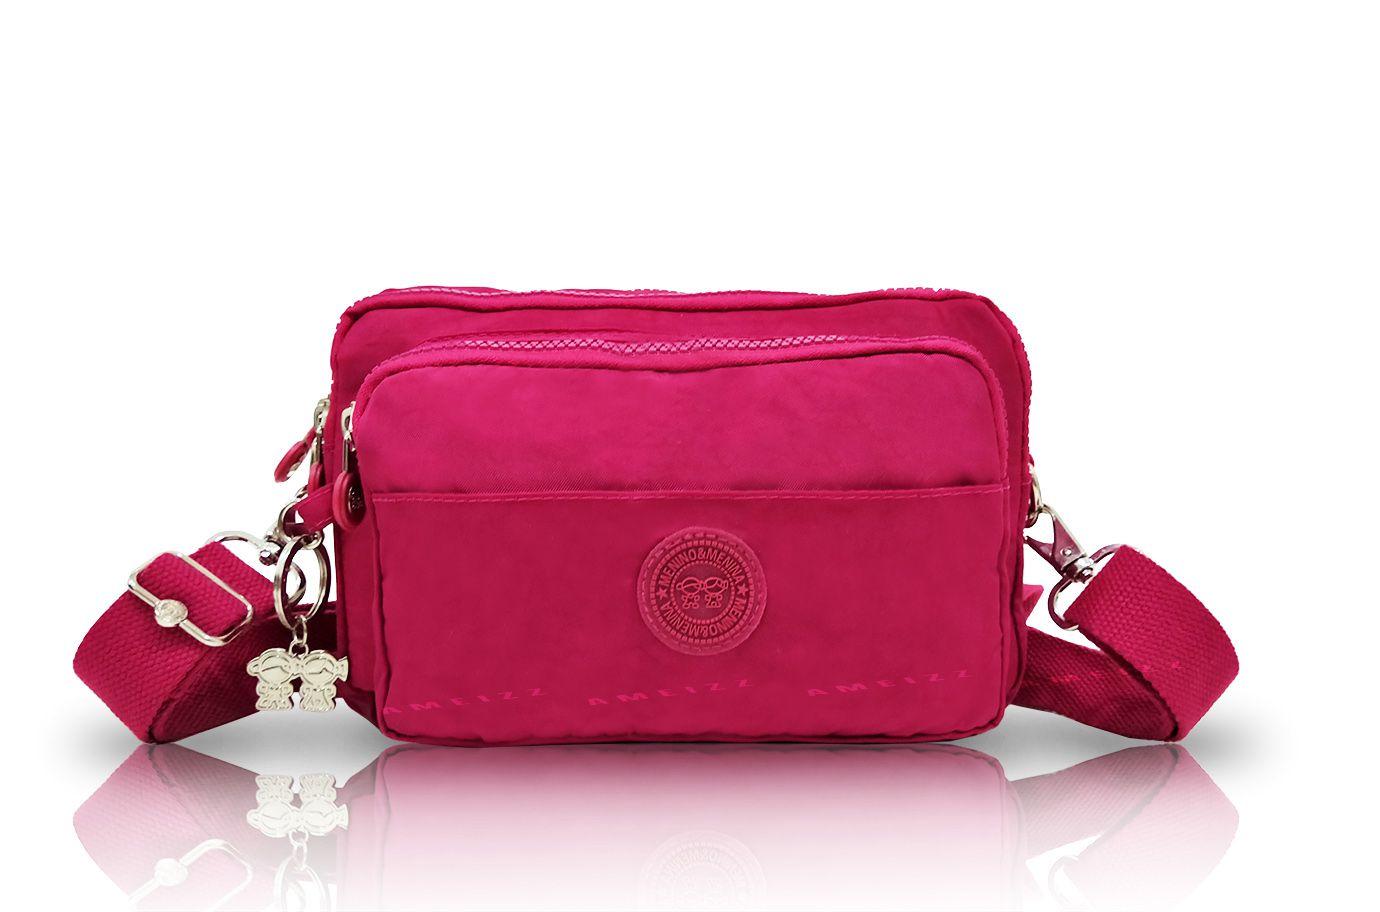 Bolsa Transversal Feminina Pochete 2 Em 1 Menino&menina Pink